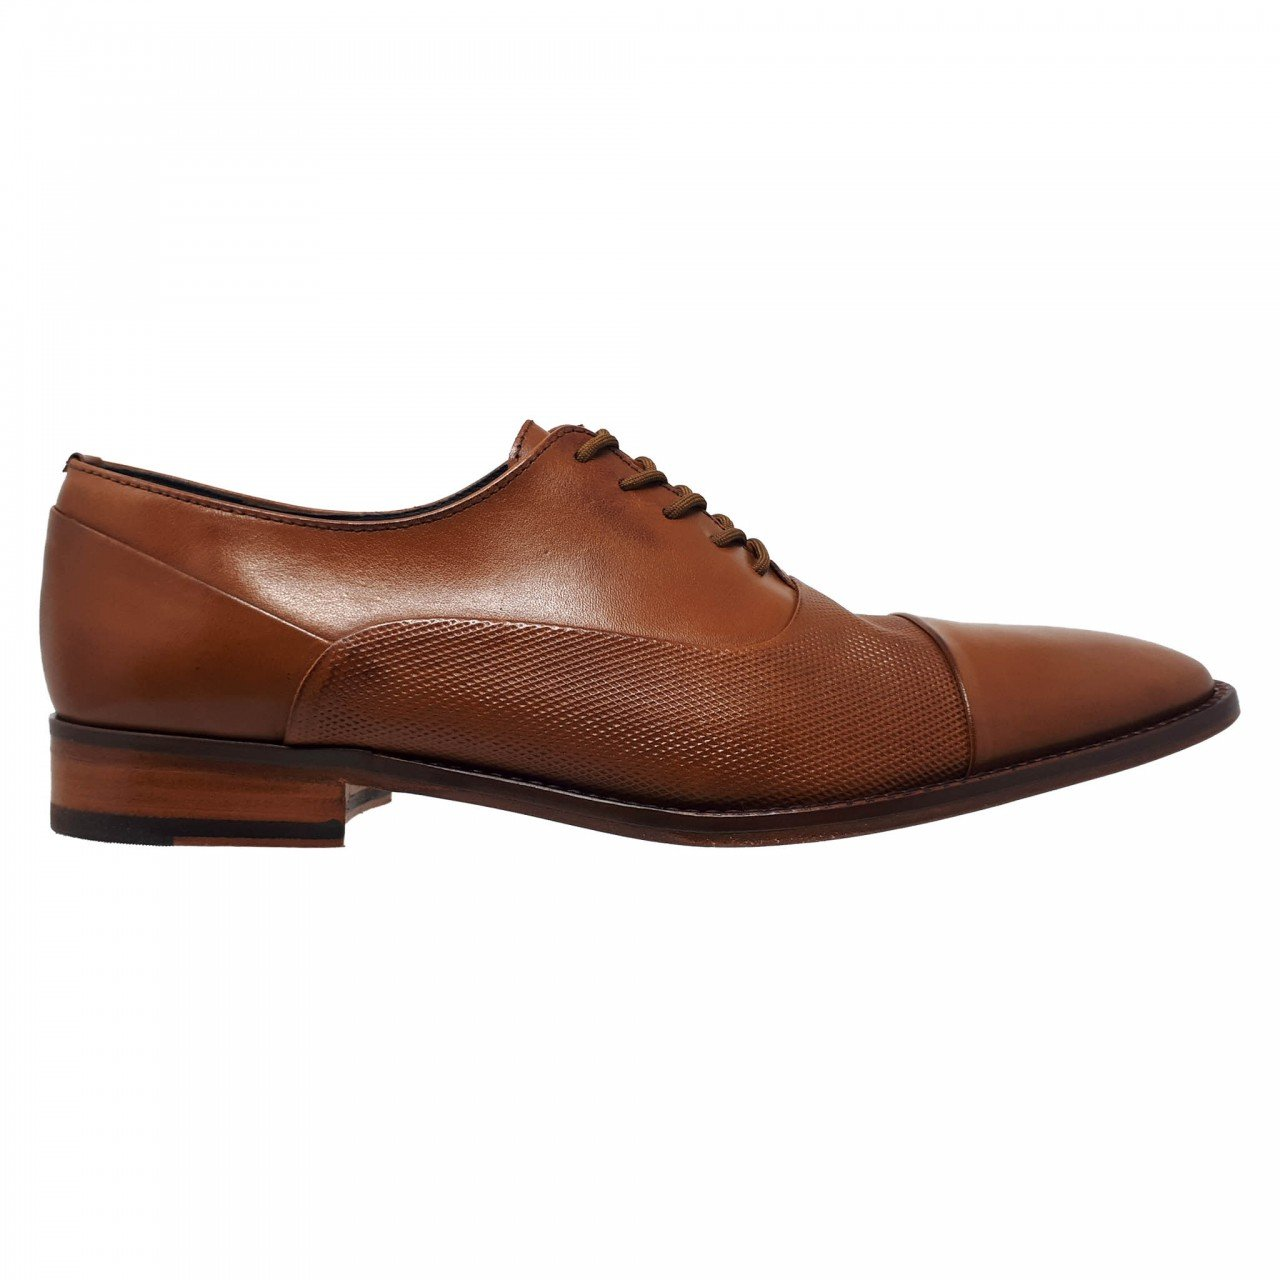 Zapato de vestir café miel para hombre Gino Cherruti 1712